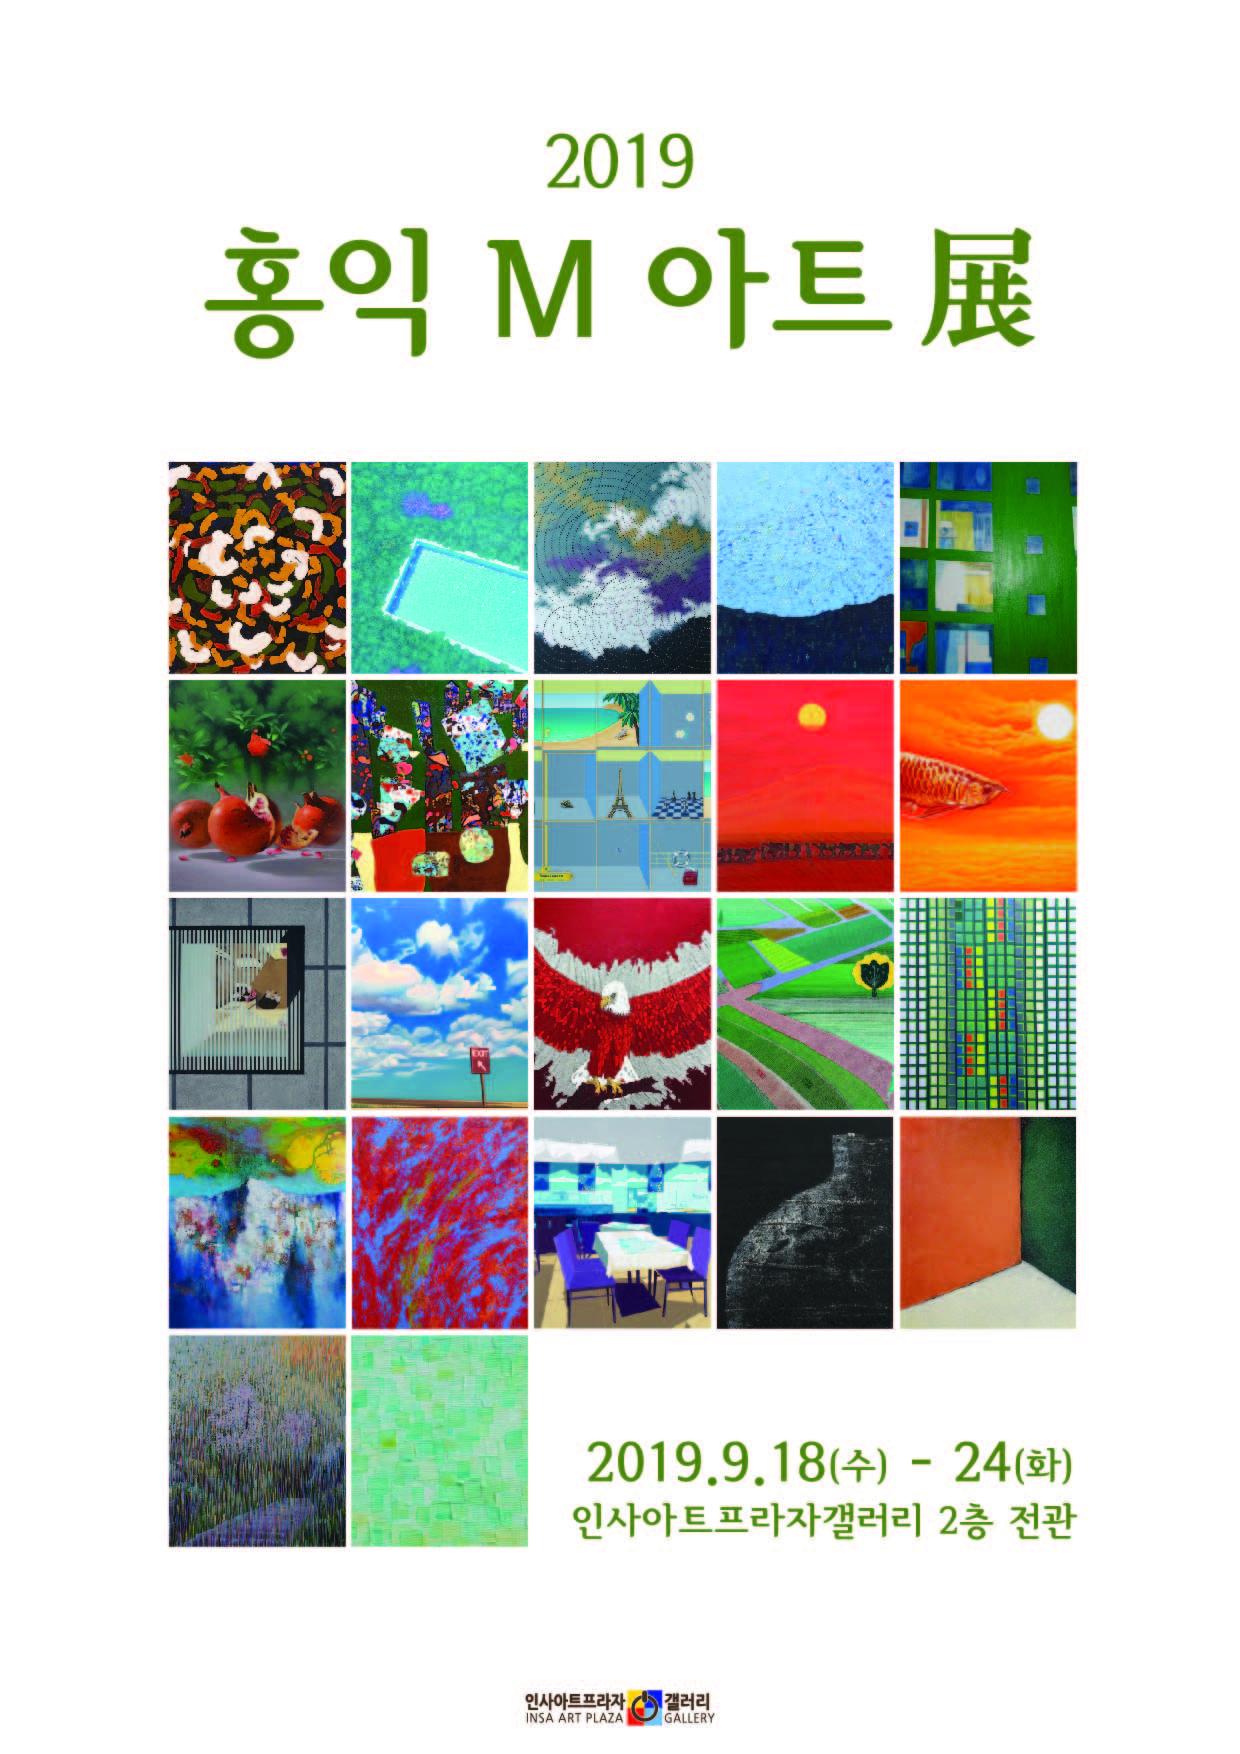 홍익 M 아트_포스터-01.jpg